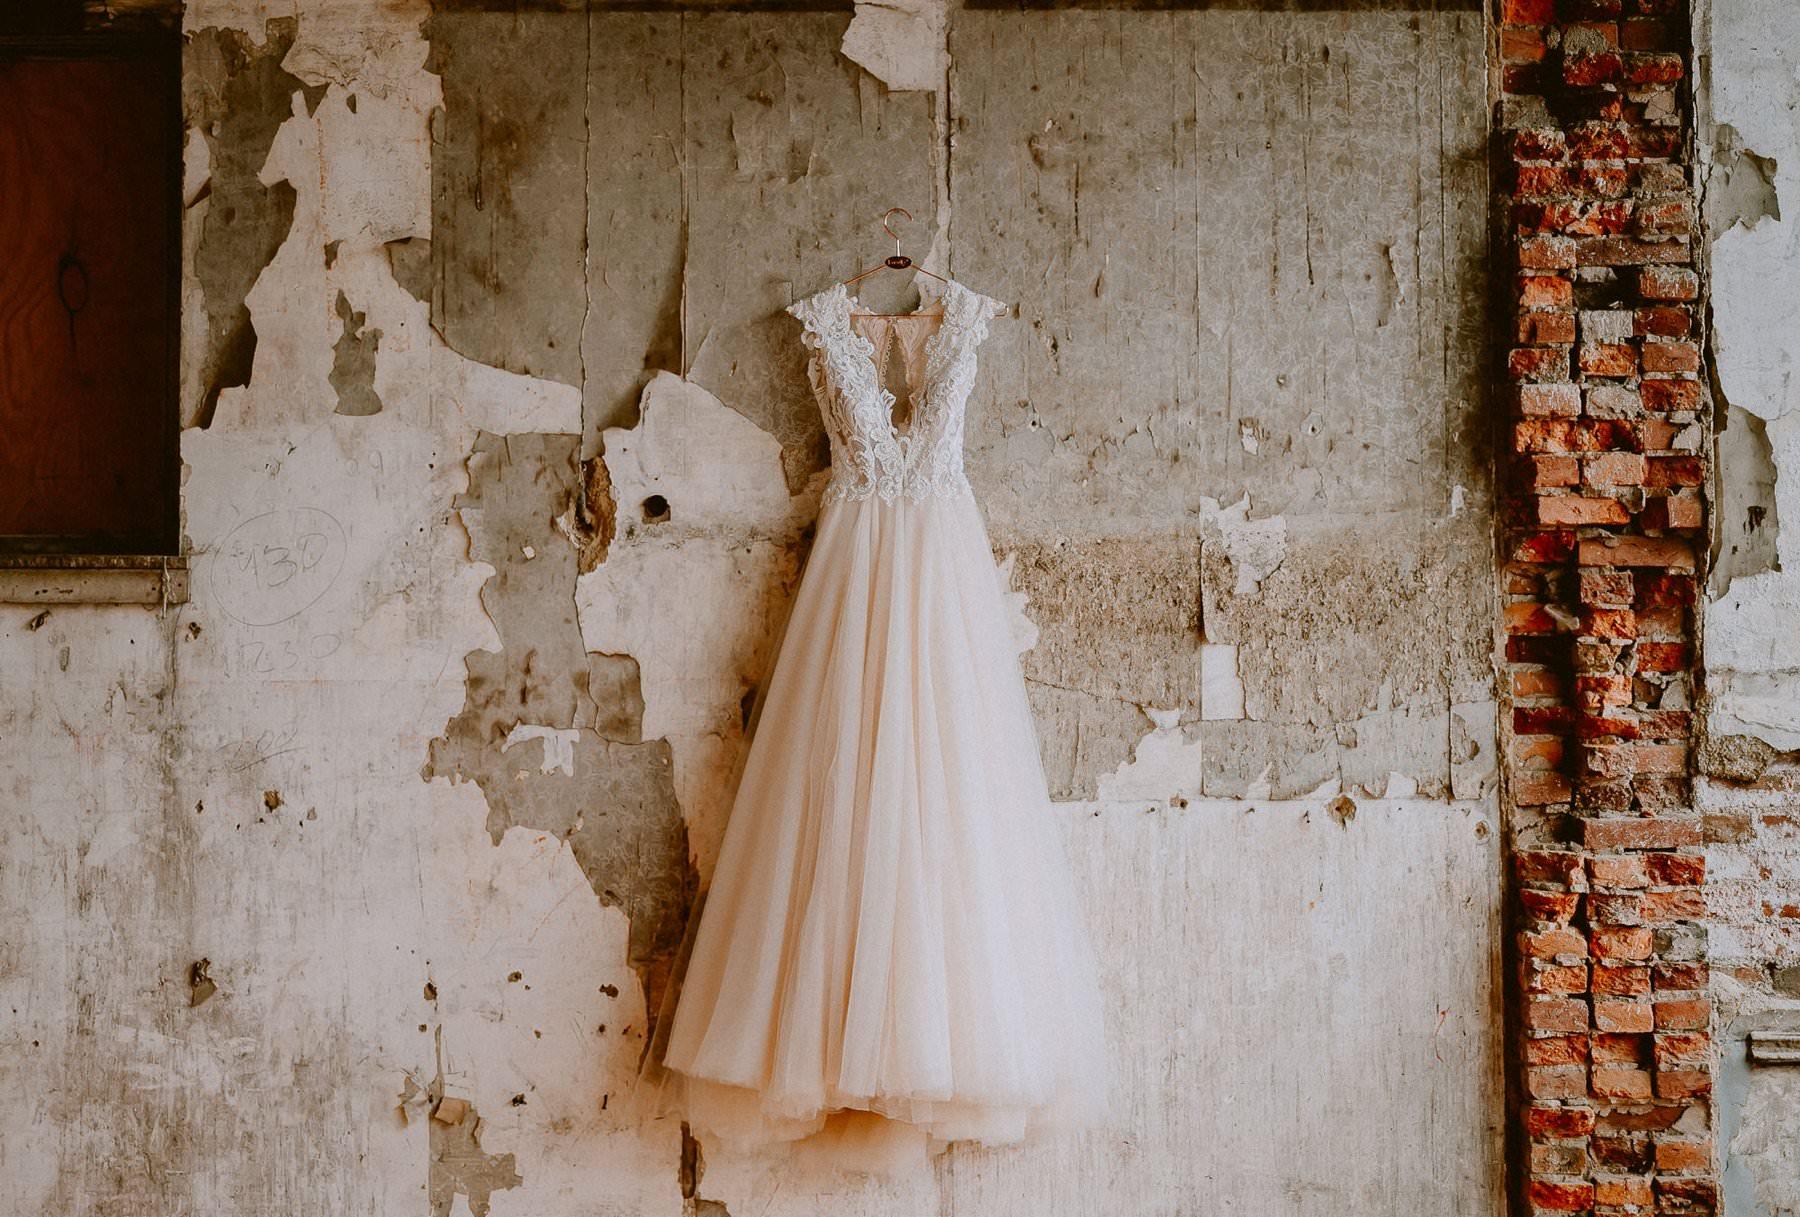 069-excelsior_lancaster_wedding-2.jpg